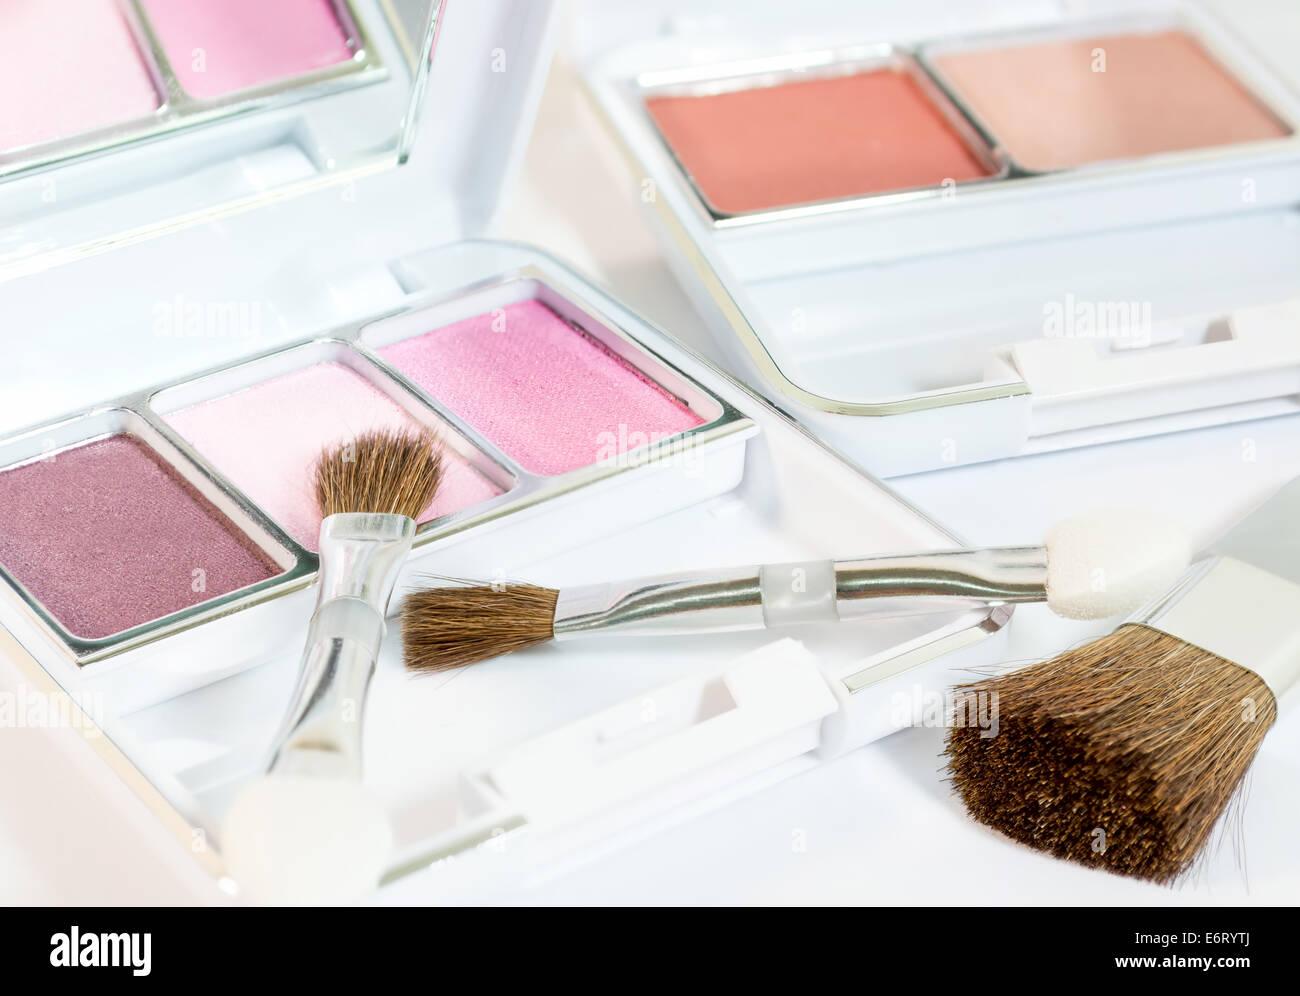 Make Up Spiegels : Make up produkte mit augen schatten bürsten und erröten in weißen